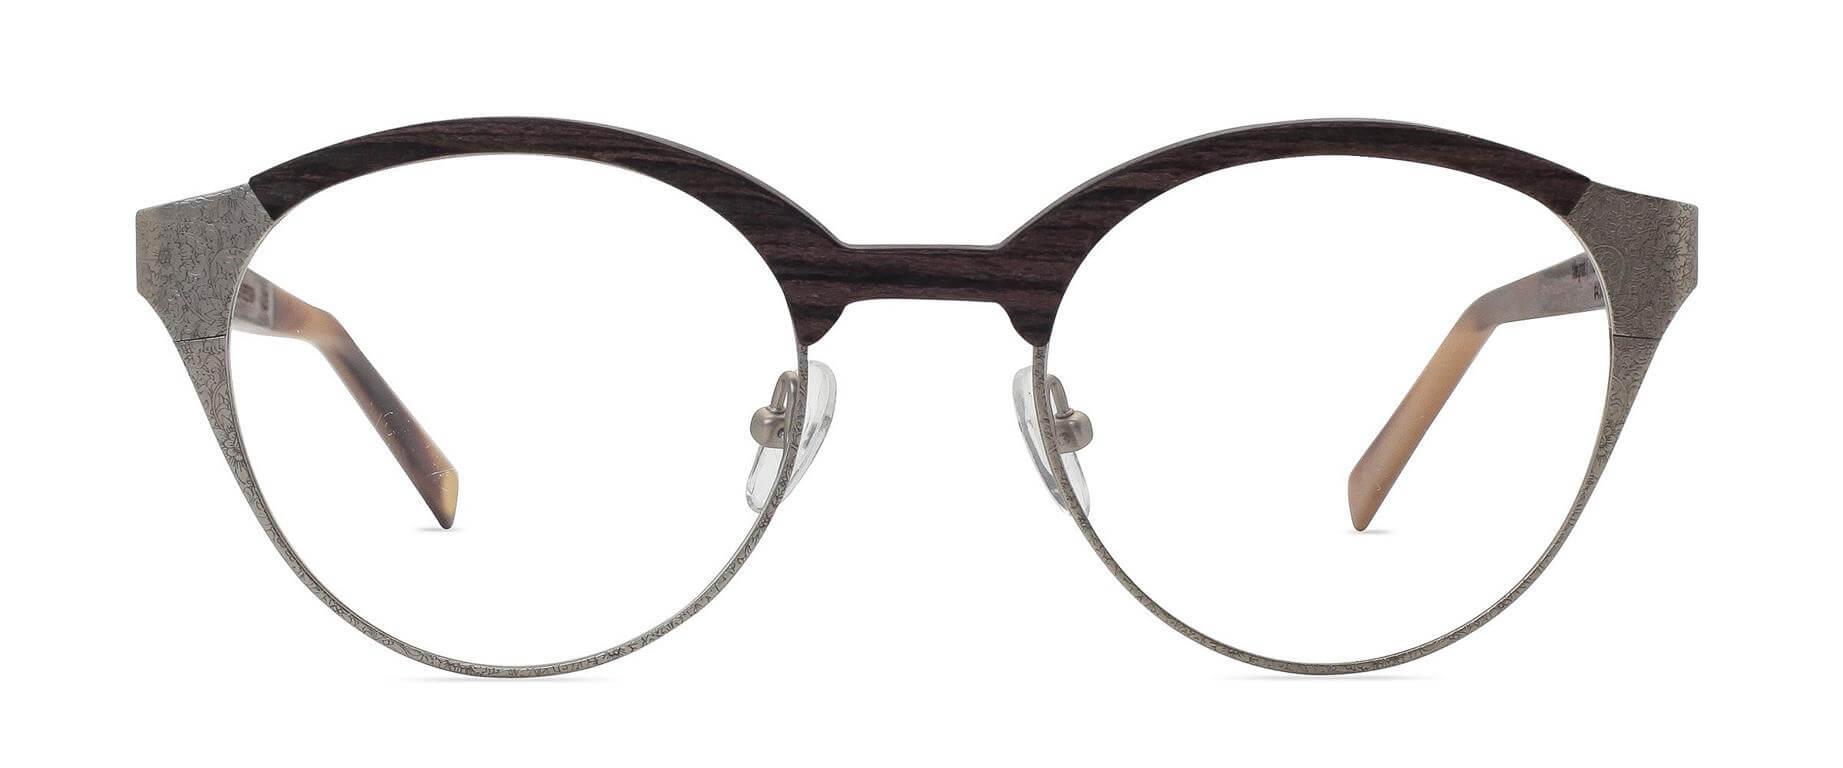 EINSTOFFEN Brille - Modell: Magnat